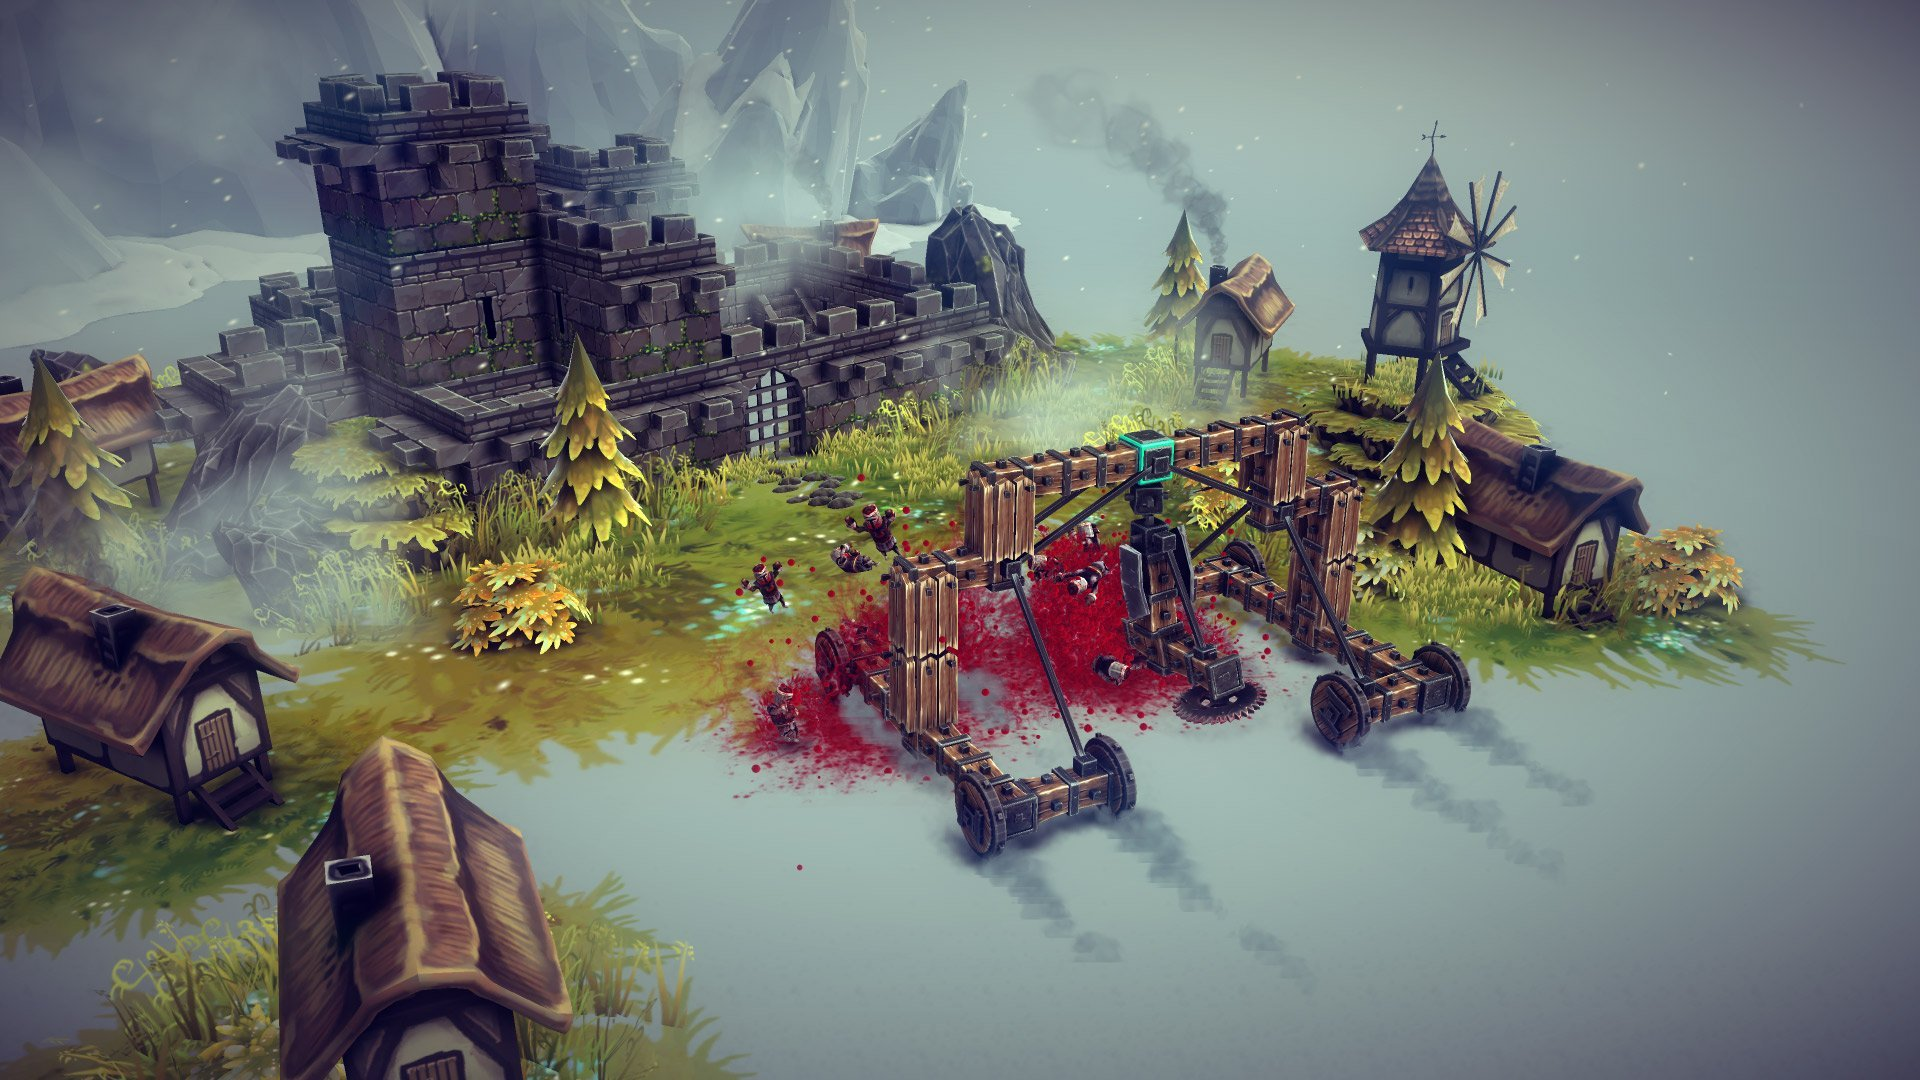 Скриншот к игре Besiege v.1.02 [GOG] (2020) скачать торрент Лицензия